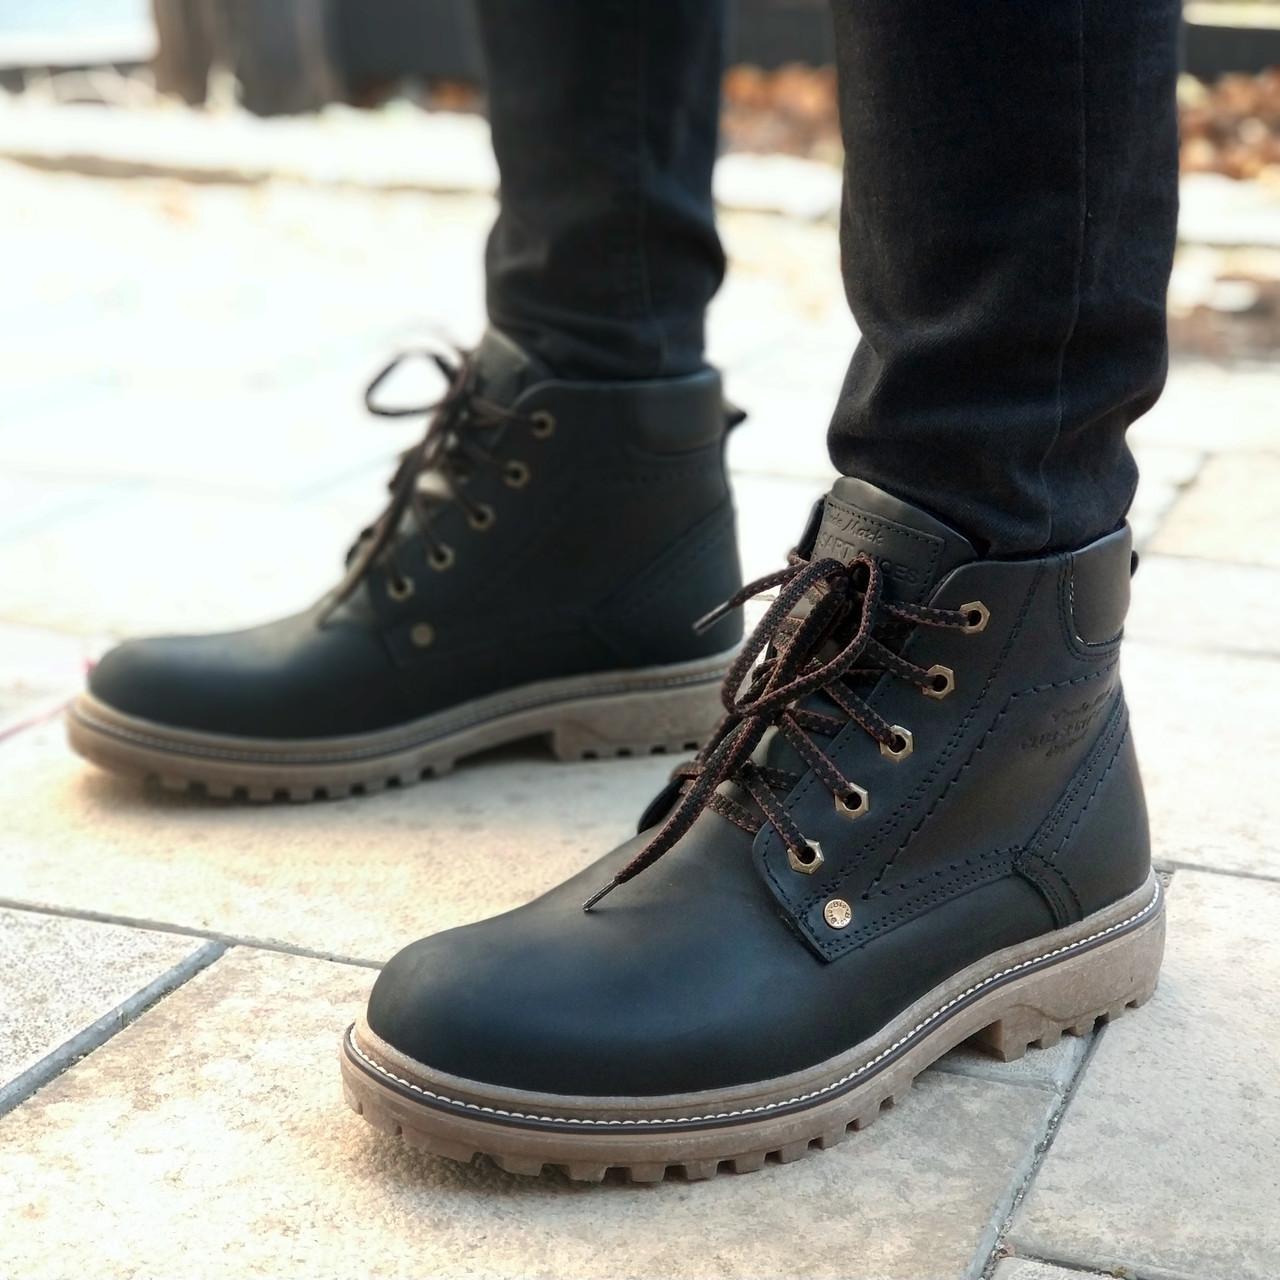 Зимние ботинки мужские черные кожаные Дезерт Бирс (Desert Bears) размер 40, 41, 42, 43, 44, 45